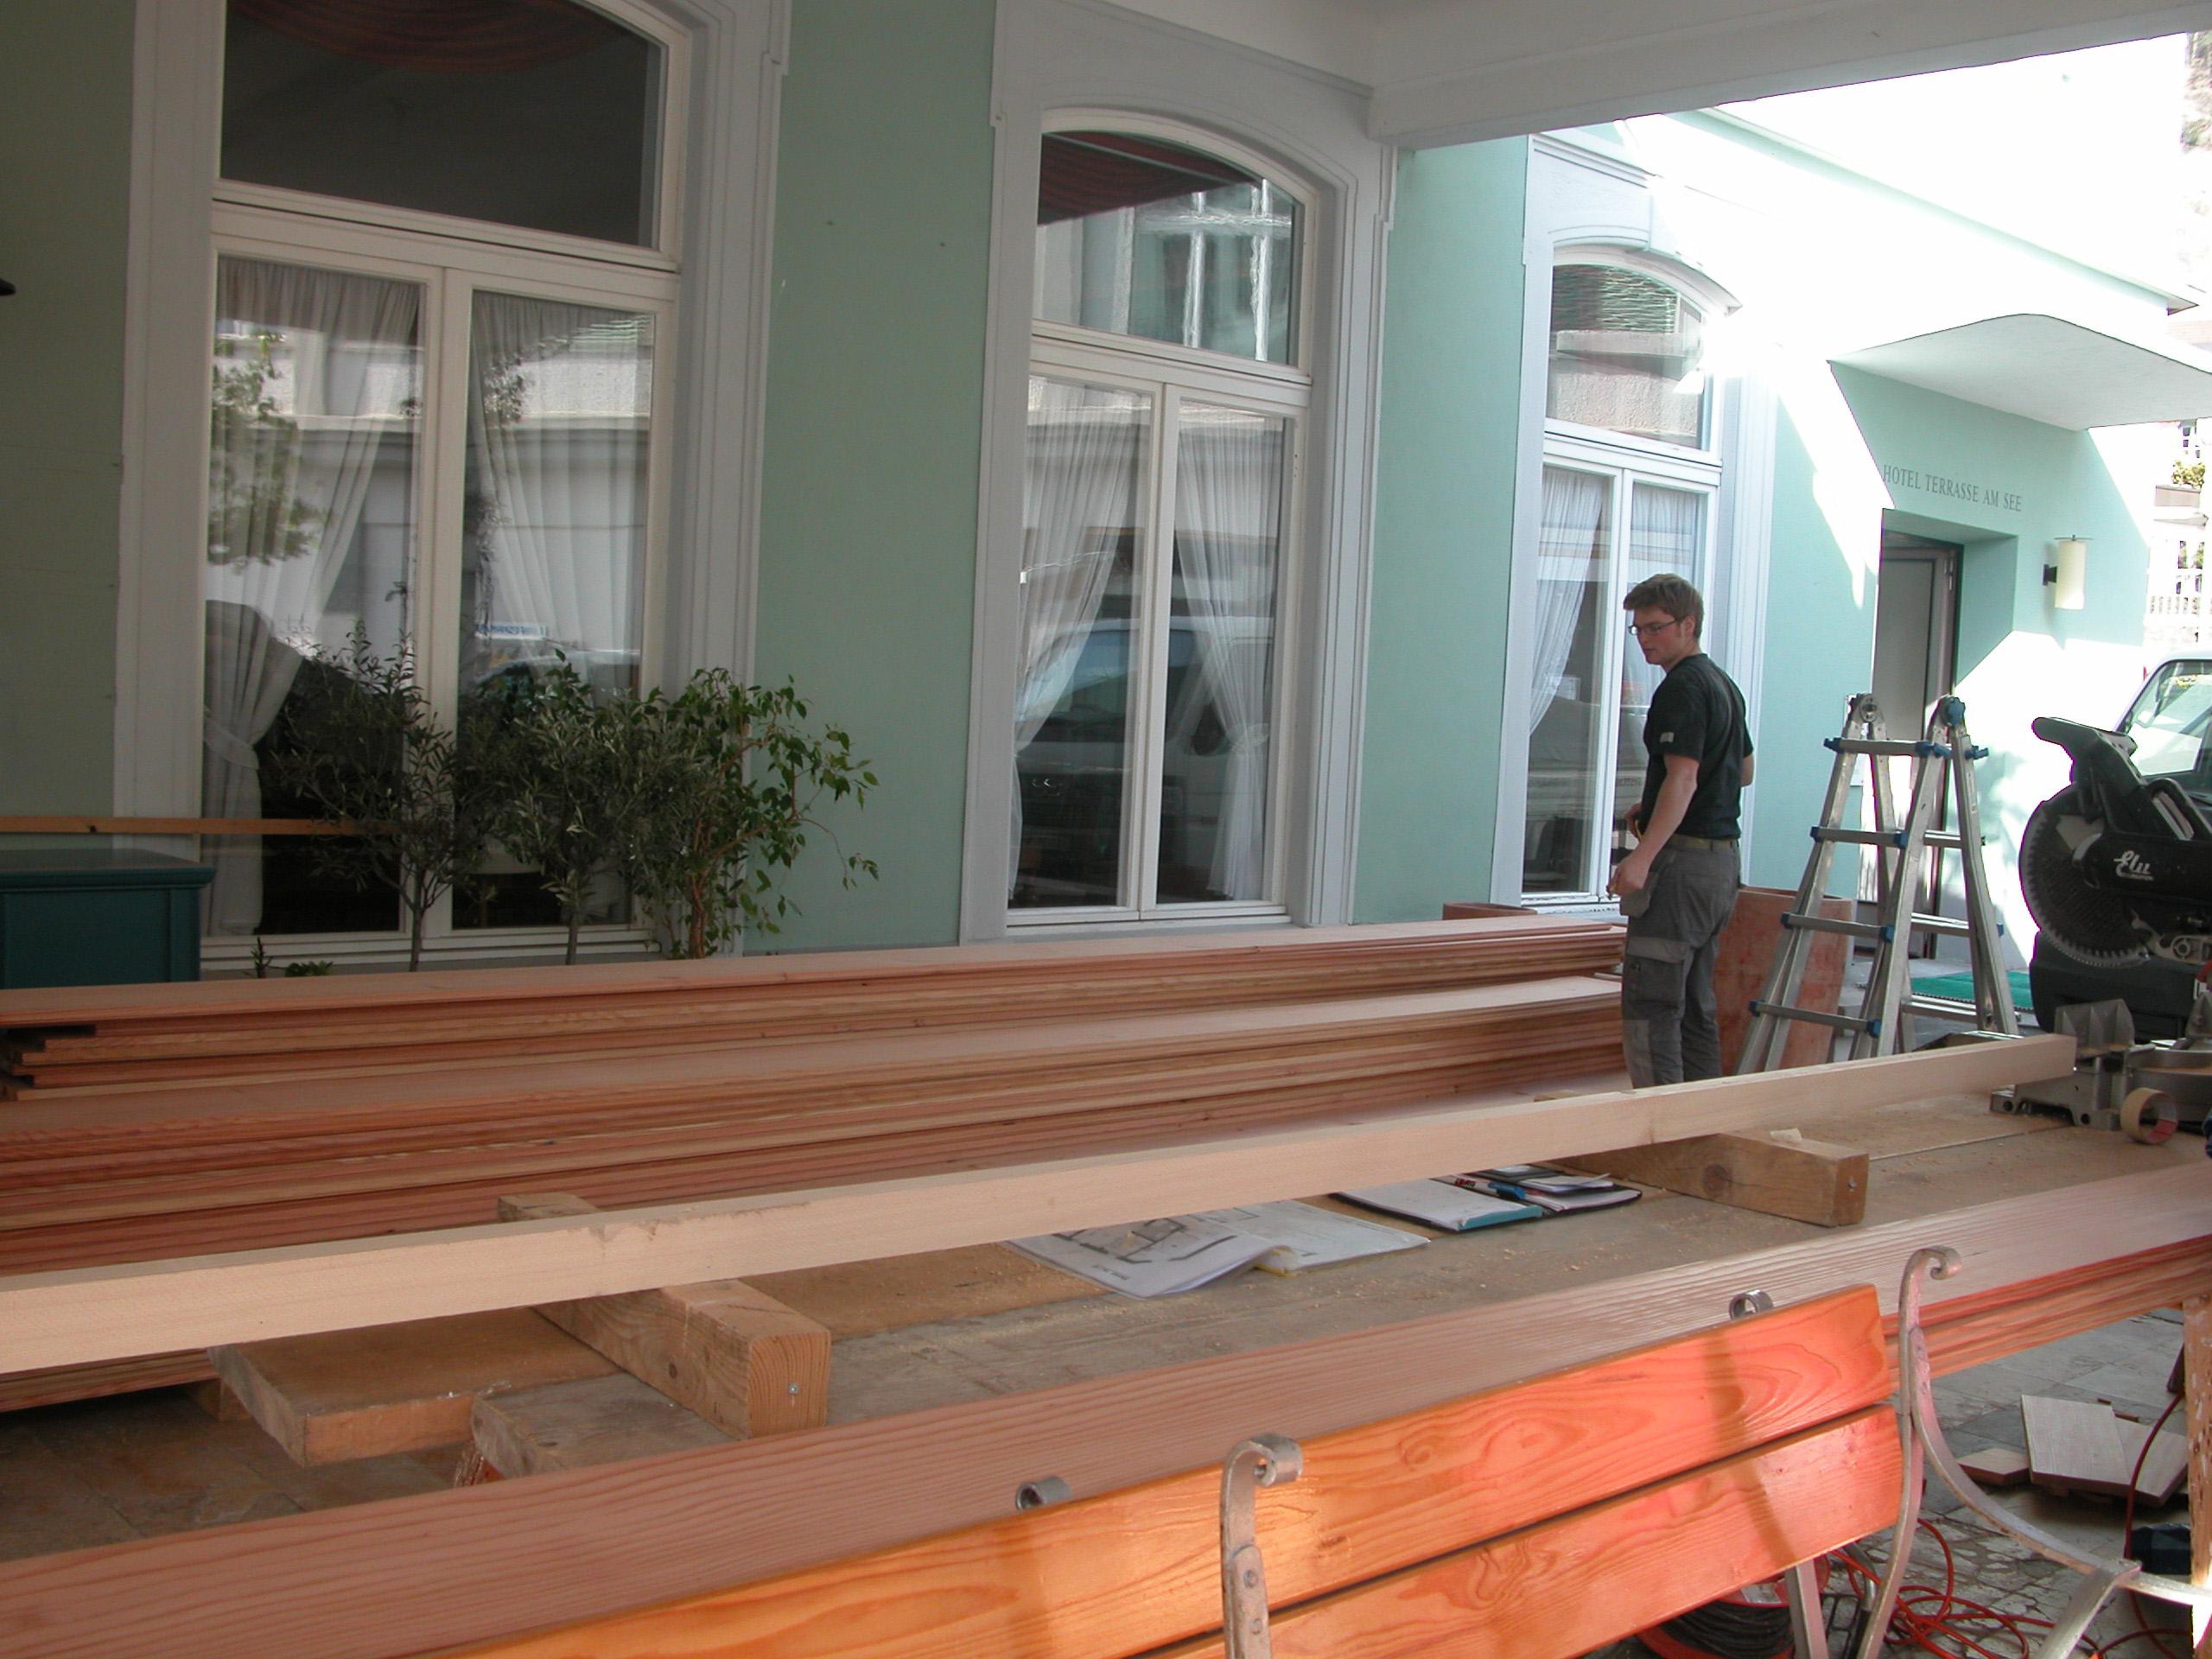 zimmer umbau 2011 hotel terrasse am see. Black Bedroom Furniture Sets. Home Design Ideas